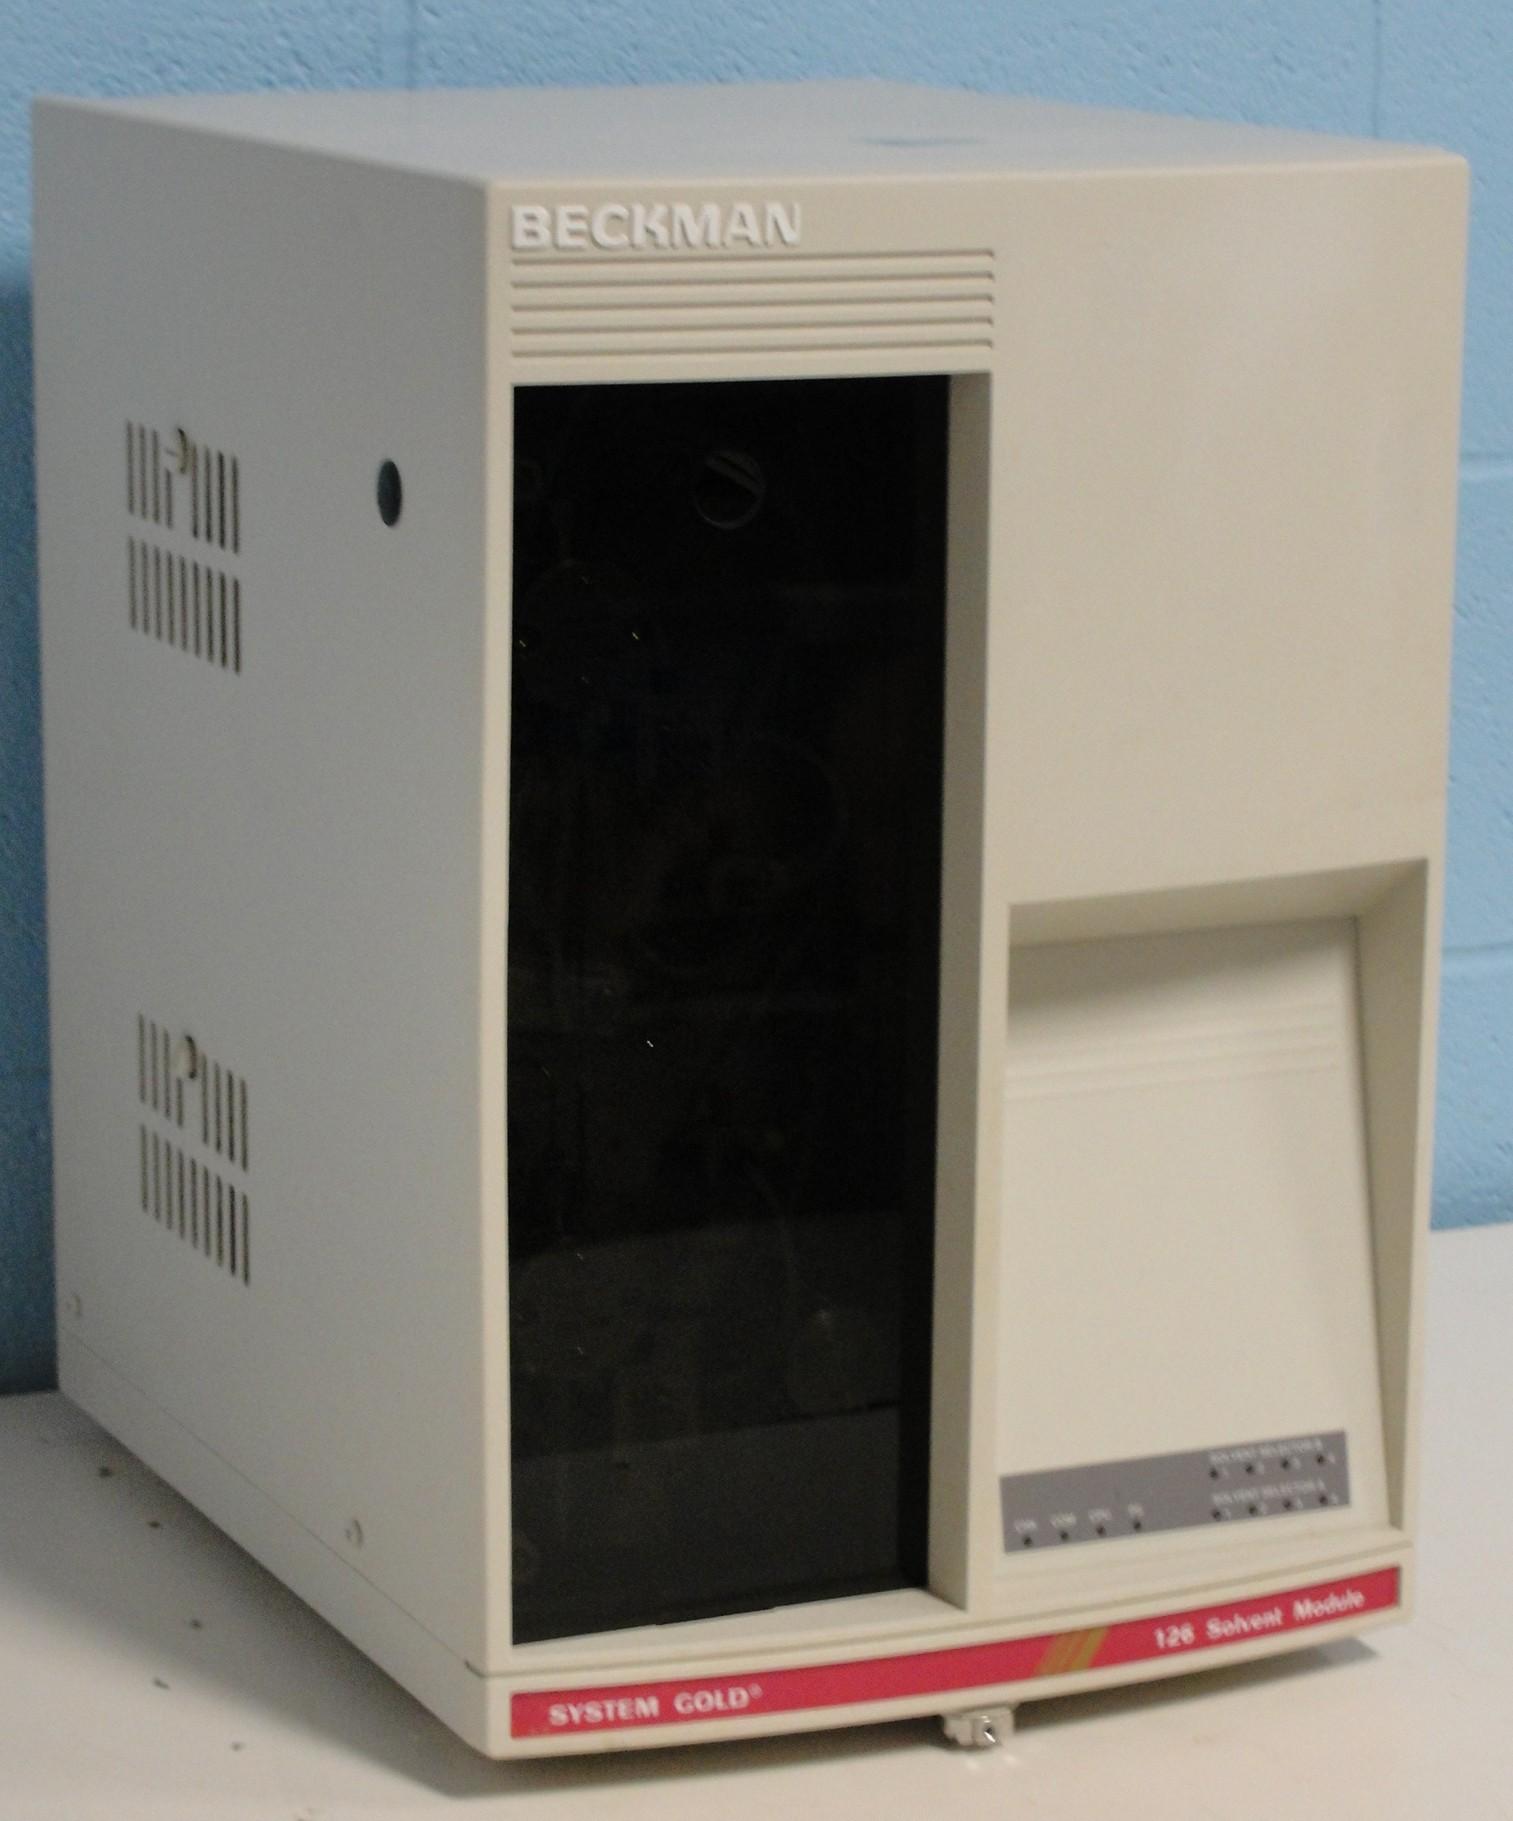 Refurbished Beckman System Gold 126 Solvent Module